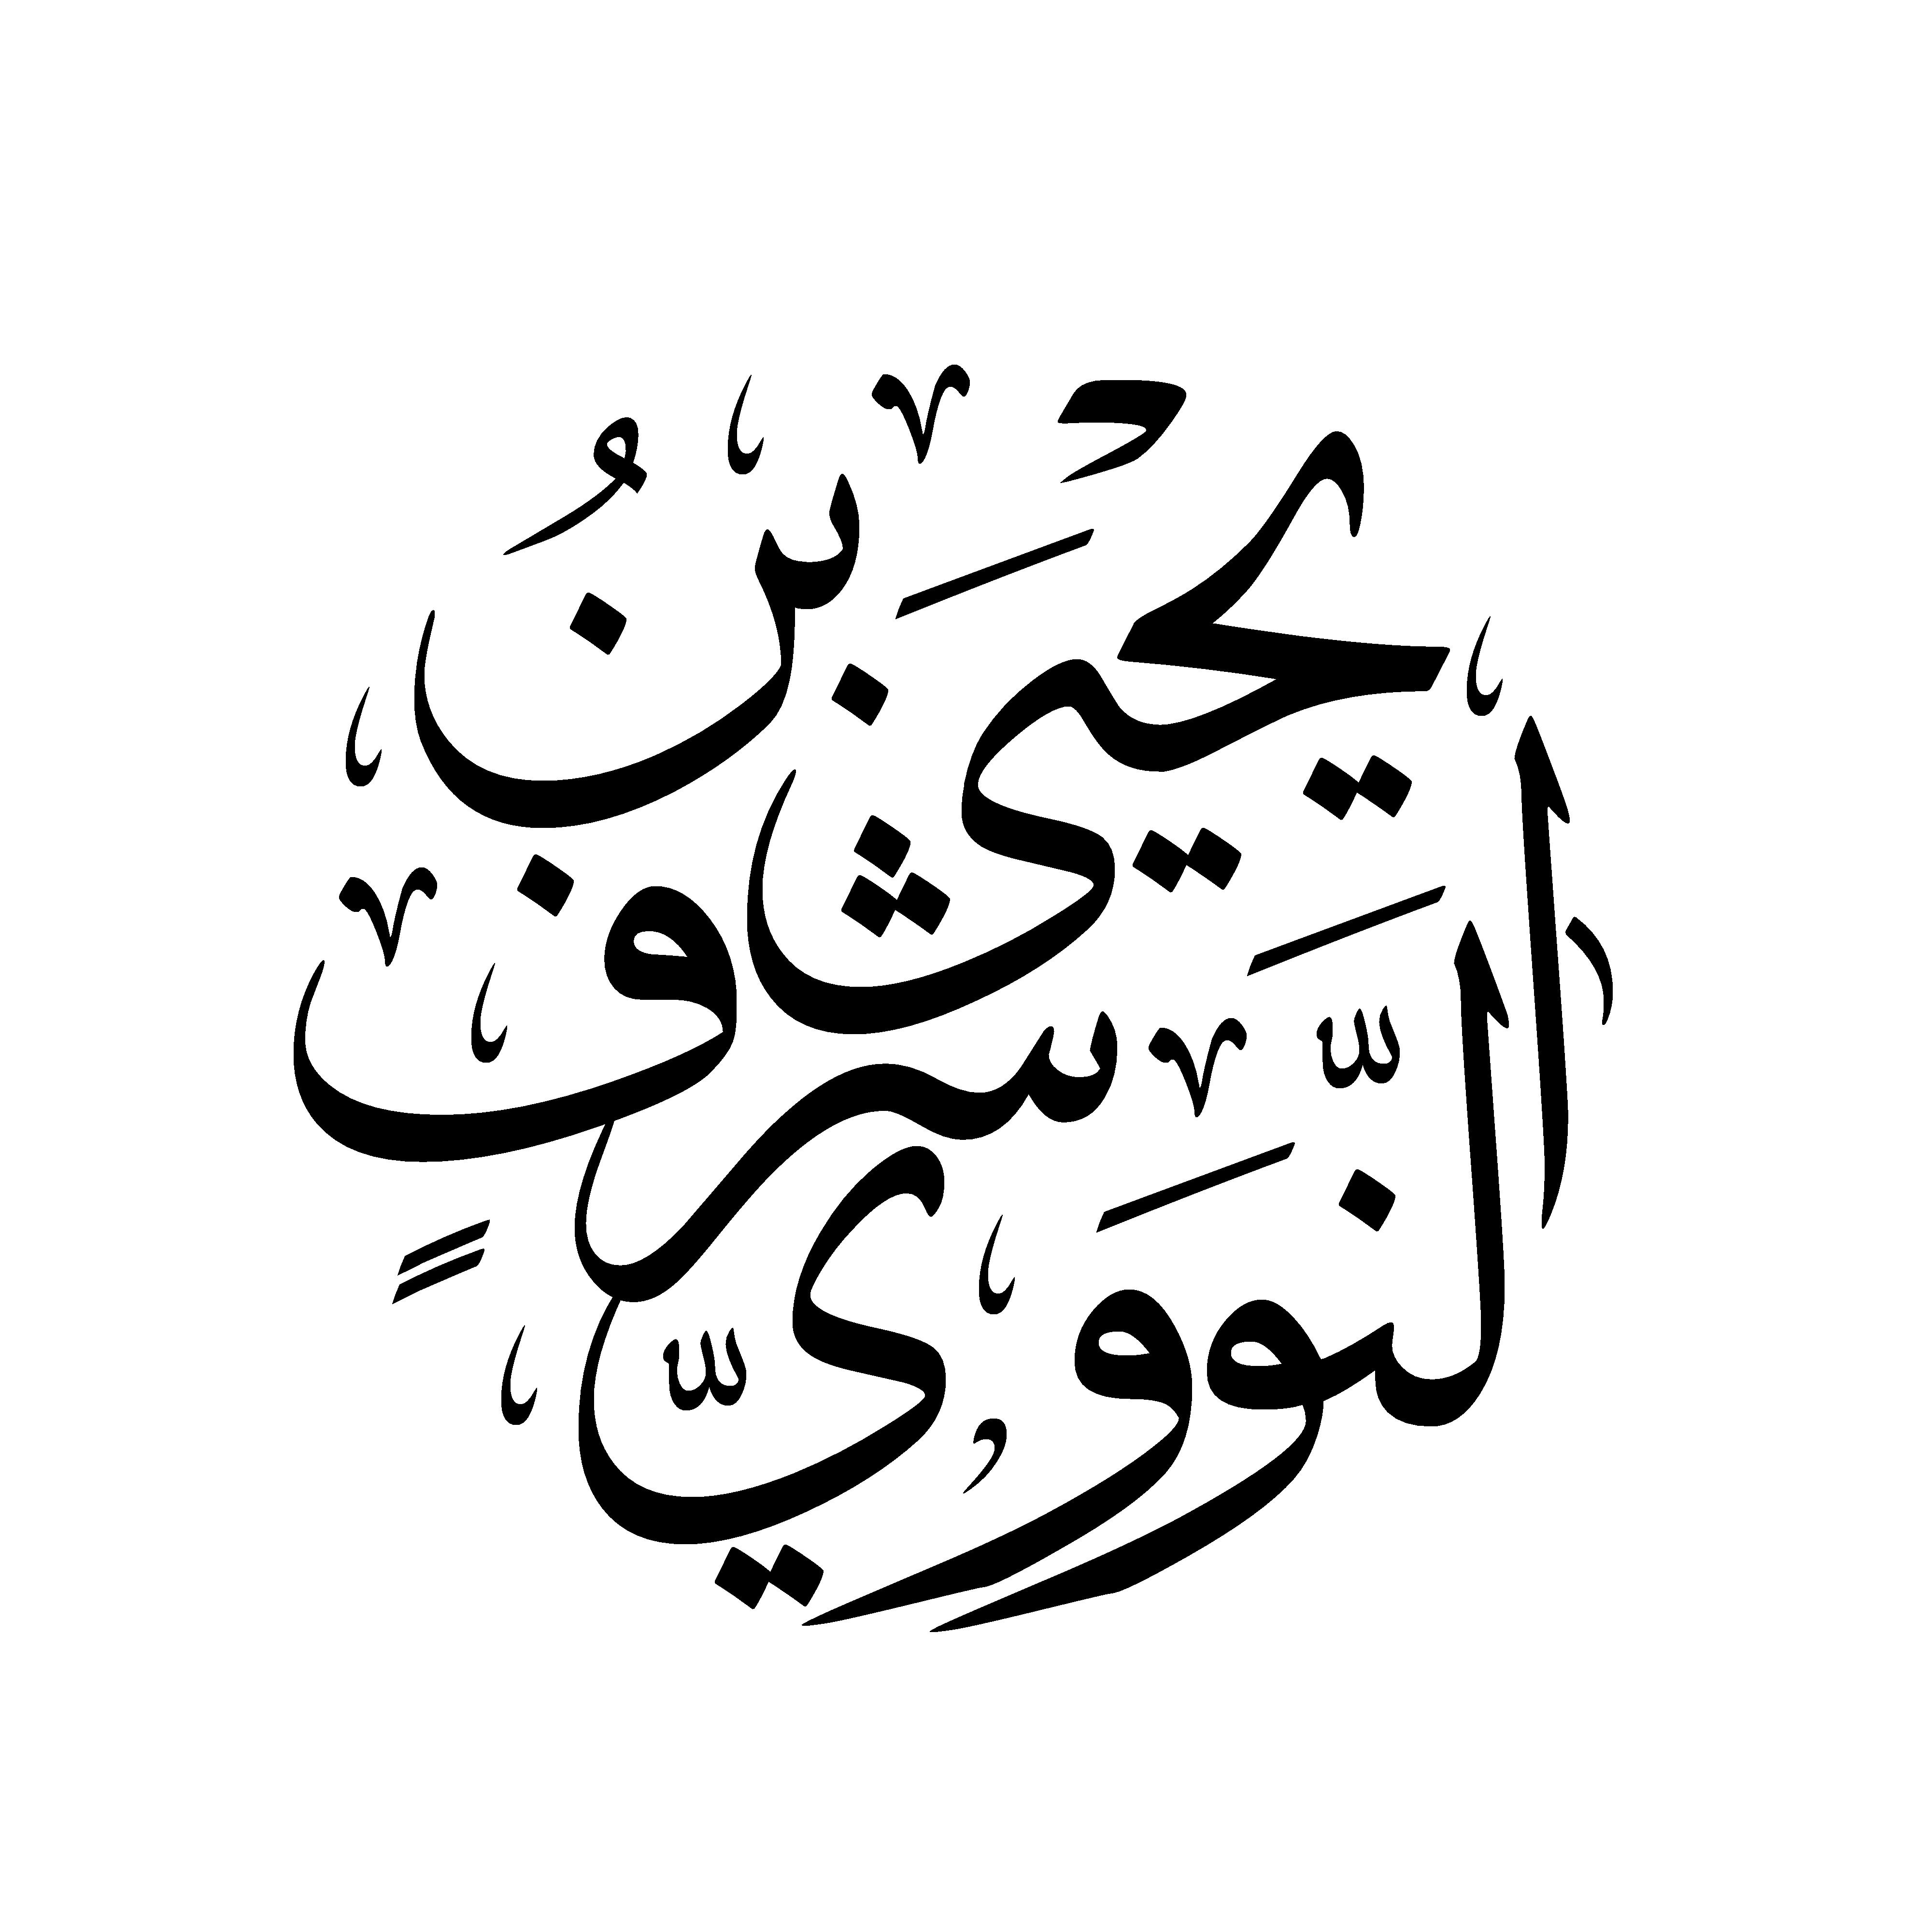 يحي بن شرف النووي أبو زكريا